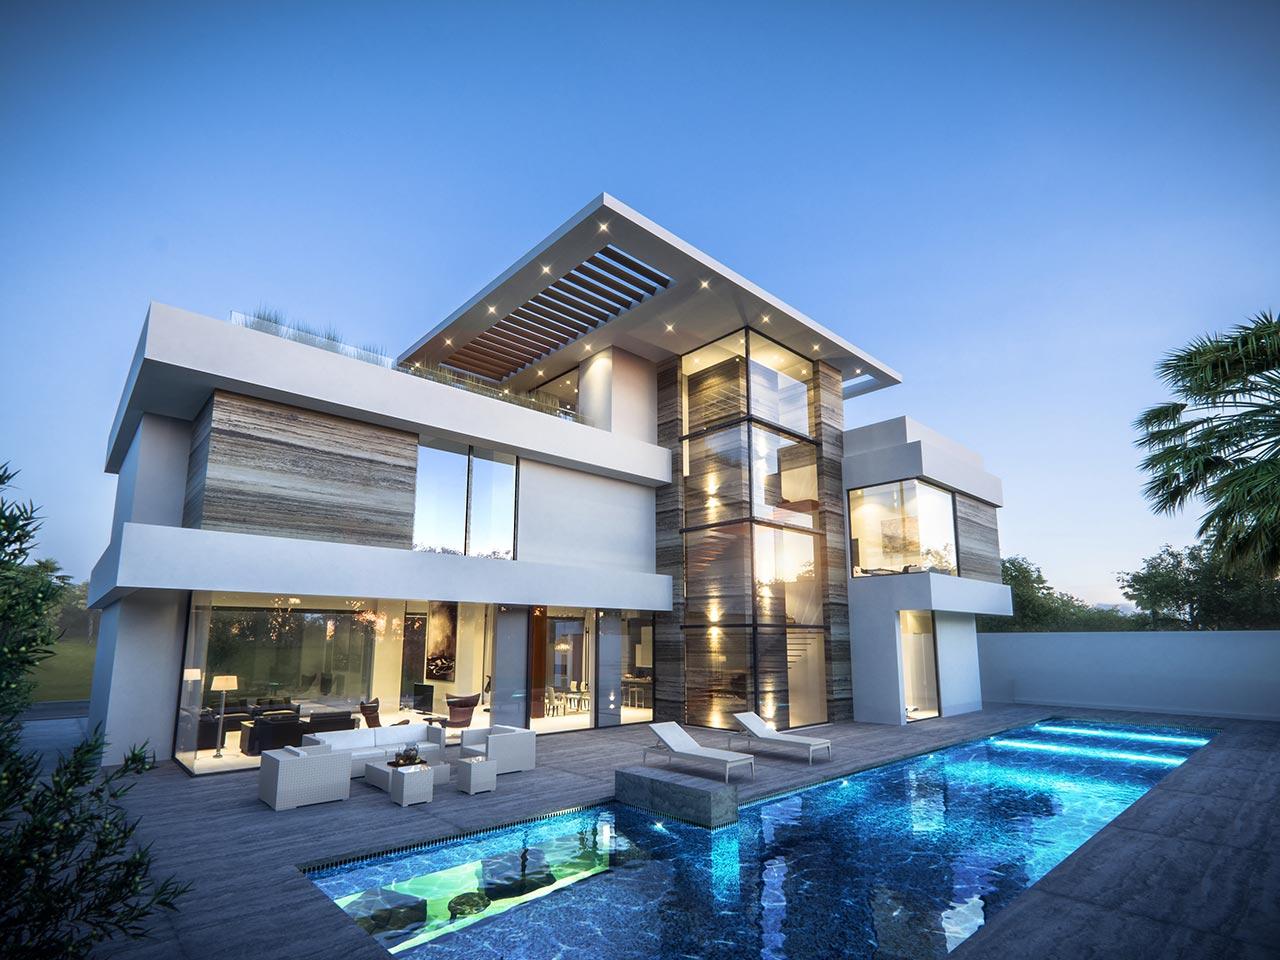 Settlecreate The Design Of Good Living